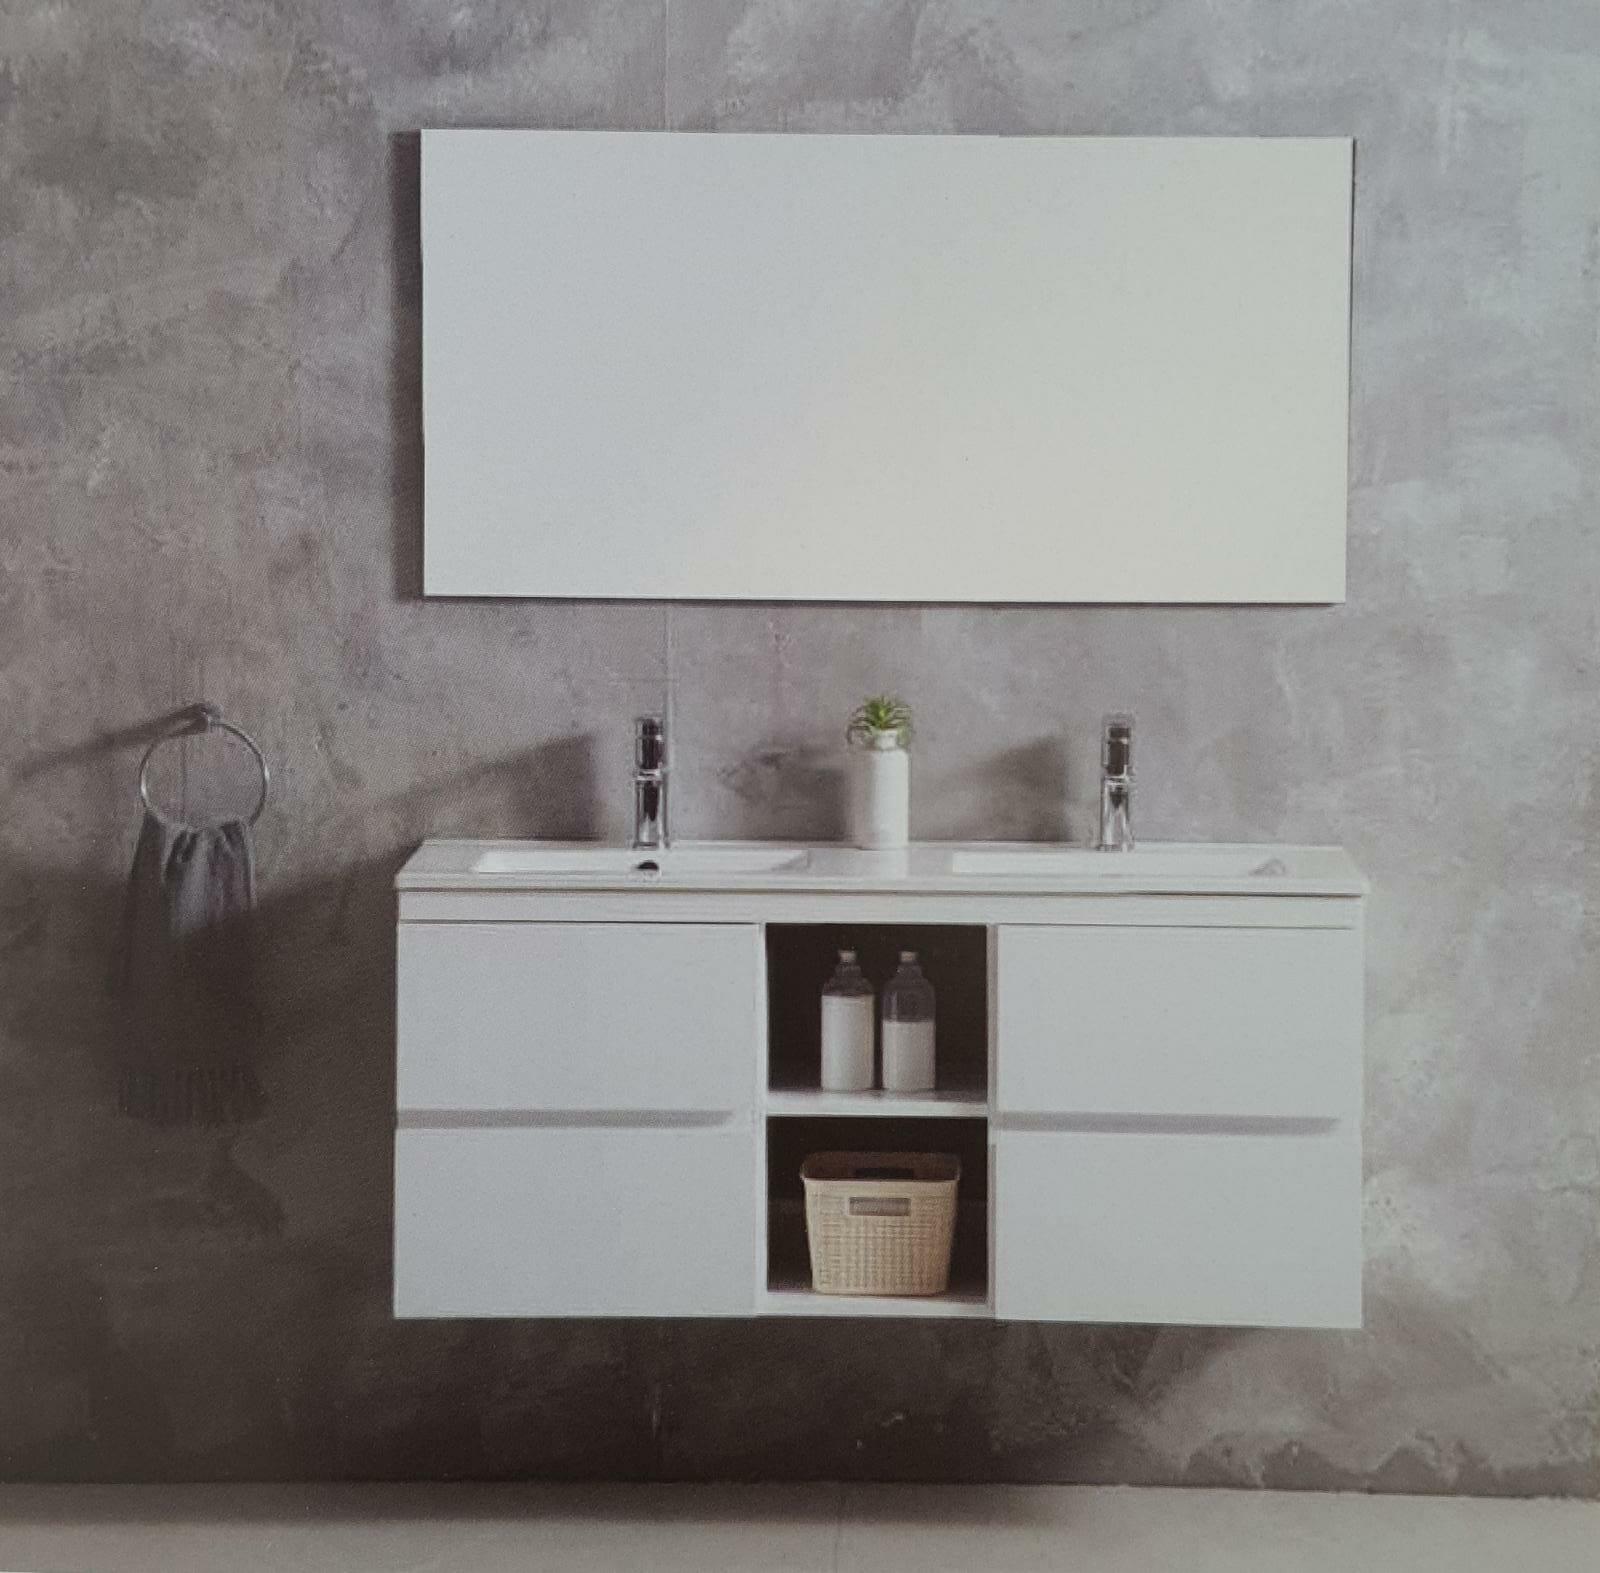 ארון אמבטיה תלוי בעיצוב נקי דגם קלי KEELY